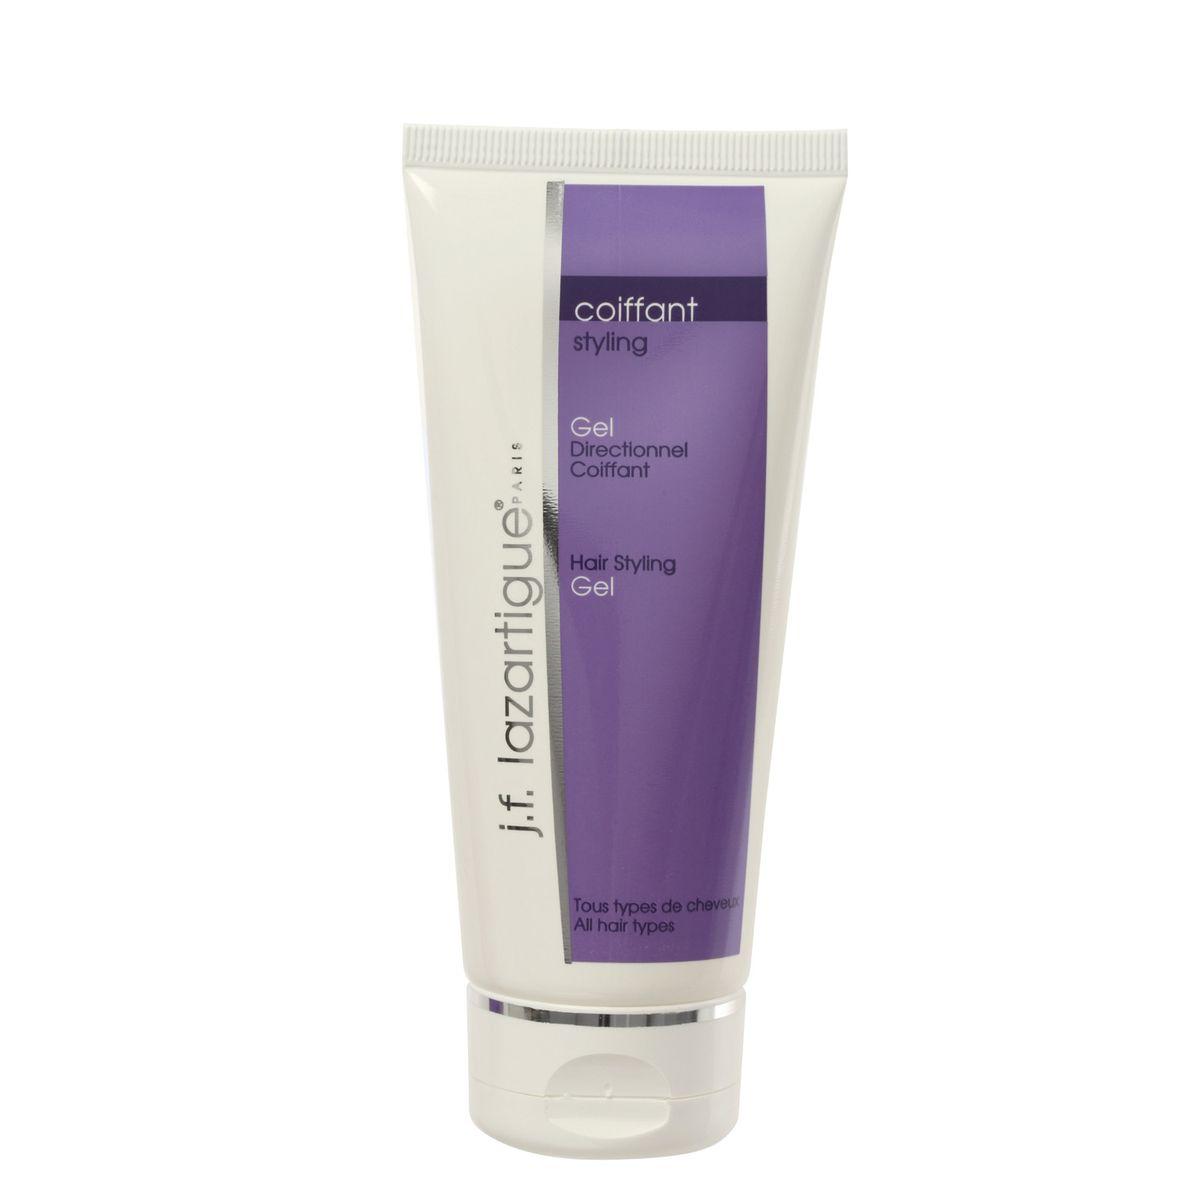 J.F.Lazartigue Гель для укладки волос 100 млjf413430Оставляет волосы мягкими и блестящими. Делает прическу пышной, а укладку более прочной, защищает от воздействия влаги и ветра. Чтобы уложить непослушные волосы, создать сложную волну или просто изменить привычную укладку, гель рекомендуется наносить НА ВЛАЖНЫЕ волосы после мытья. Если Вы хотите просто придать прическе прочность или акцентировать внимание на отдельных локонах или завитках – наносите гель НА СУХИЕ волосы. Гель для укладки волос имеет легкую консистенцию, он не делает волосы жирными или тяжелыми, а делает их послушными.